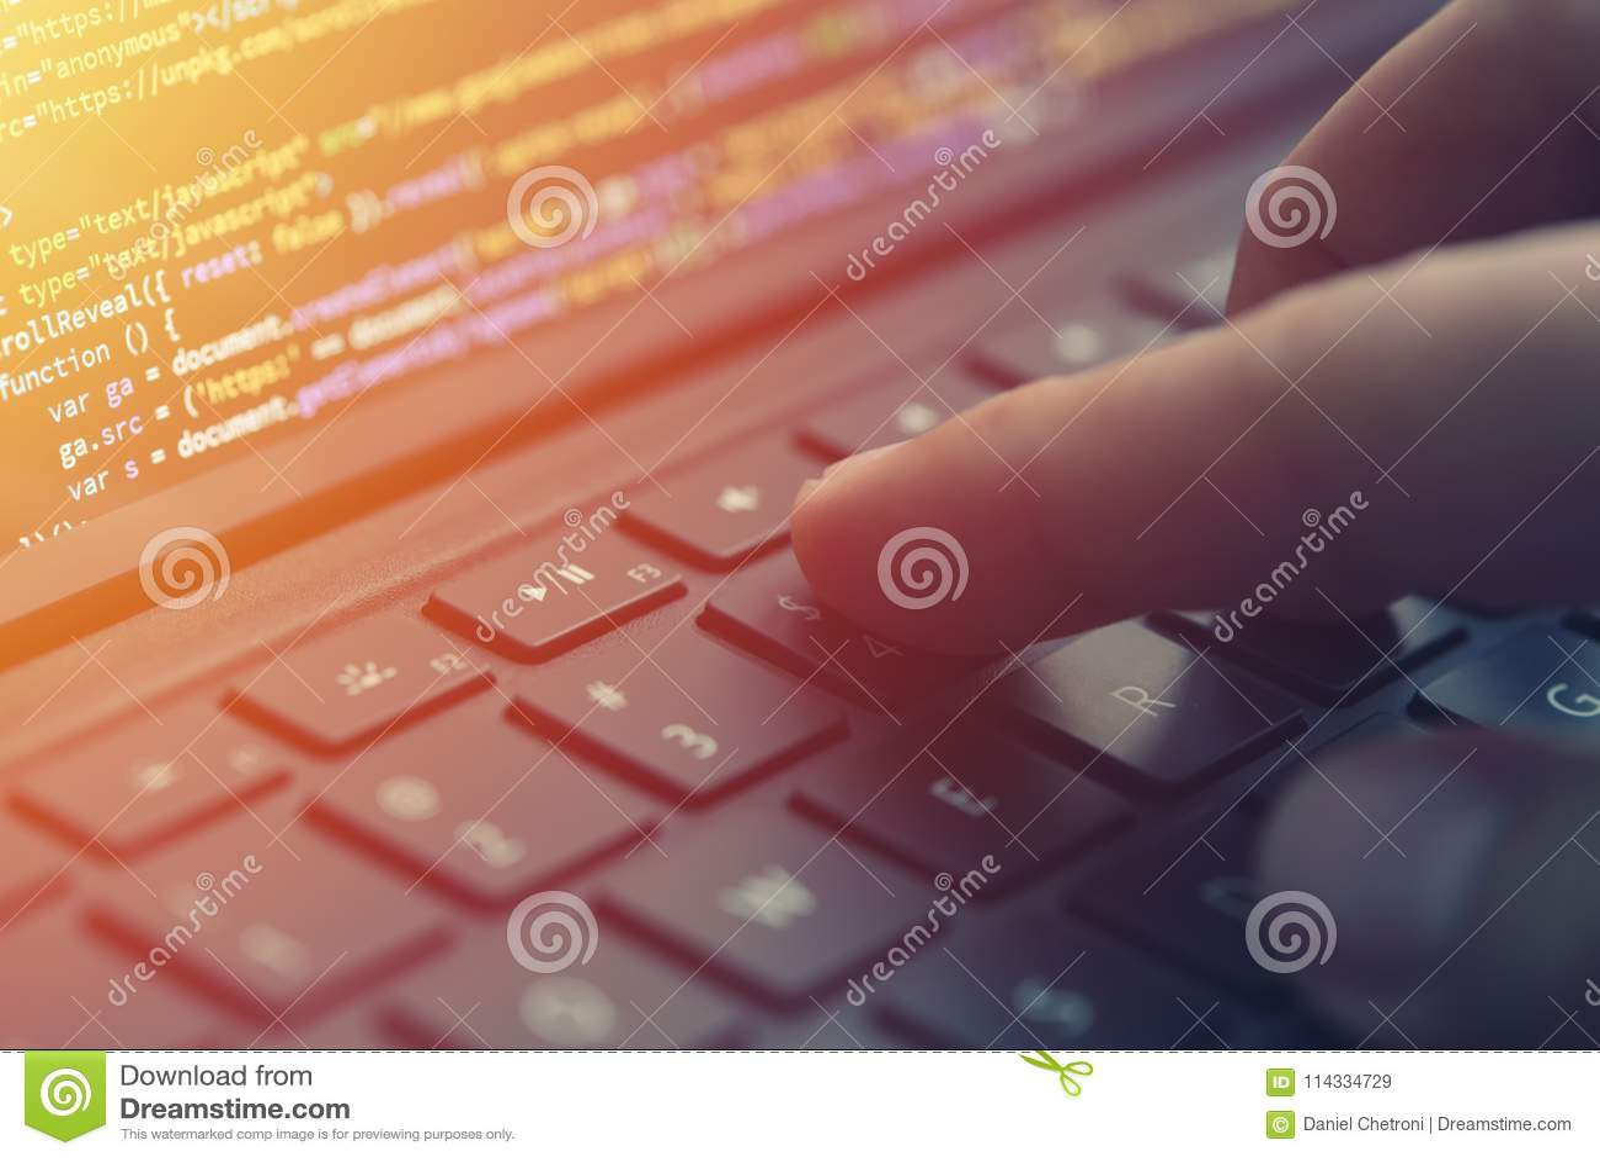 Nahaufnahmekodierung auf Schirm, Hände, die HTML kodieren und auf Schirmlaptop, Web-Entwicklung, Entwickler programmieren